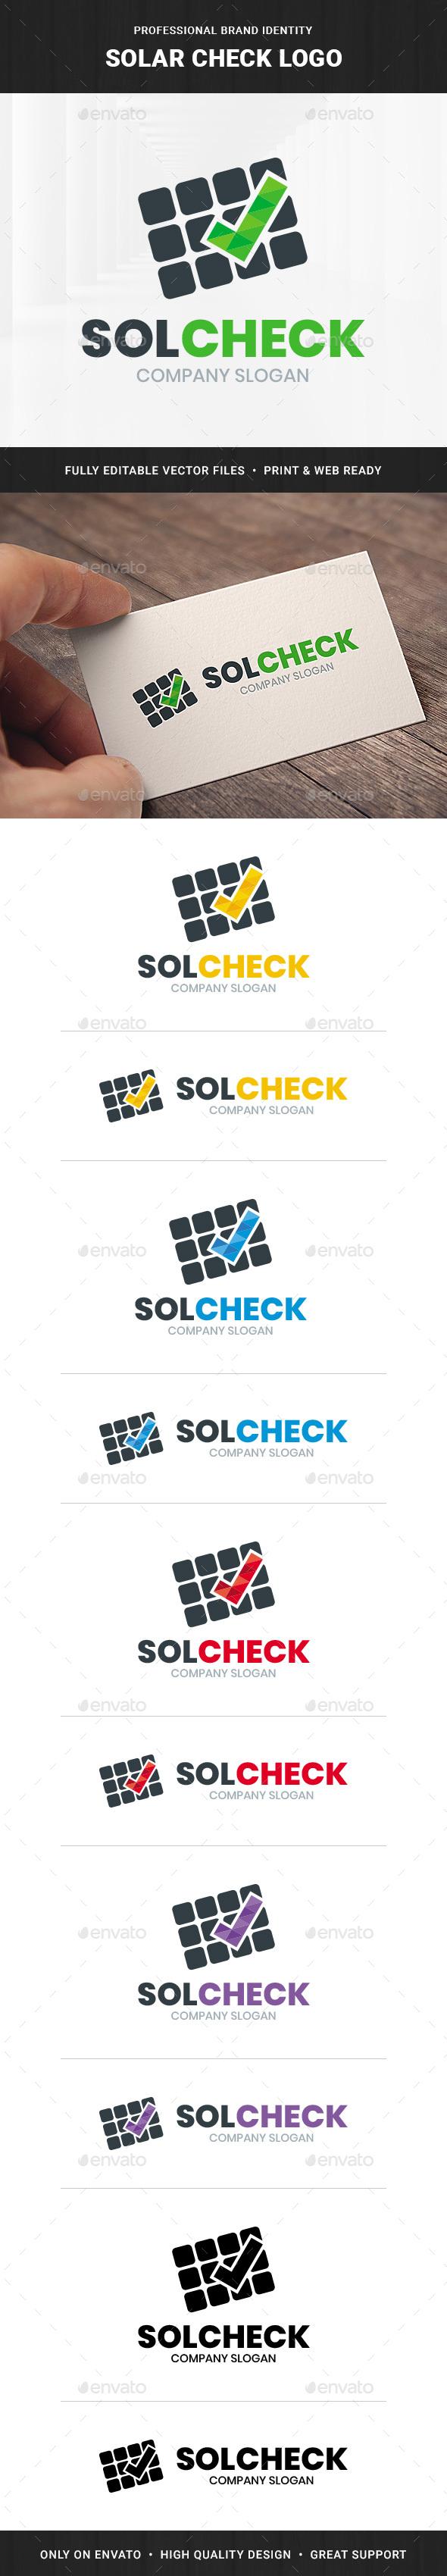 Solar Check Logo Template